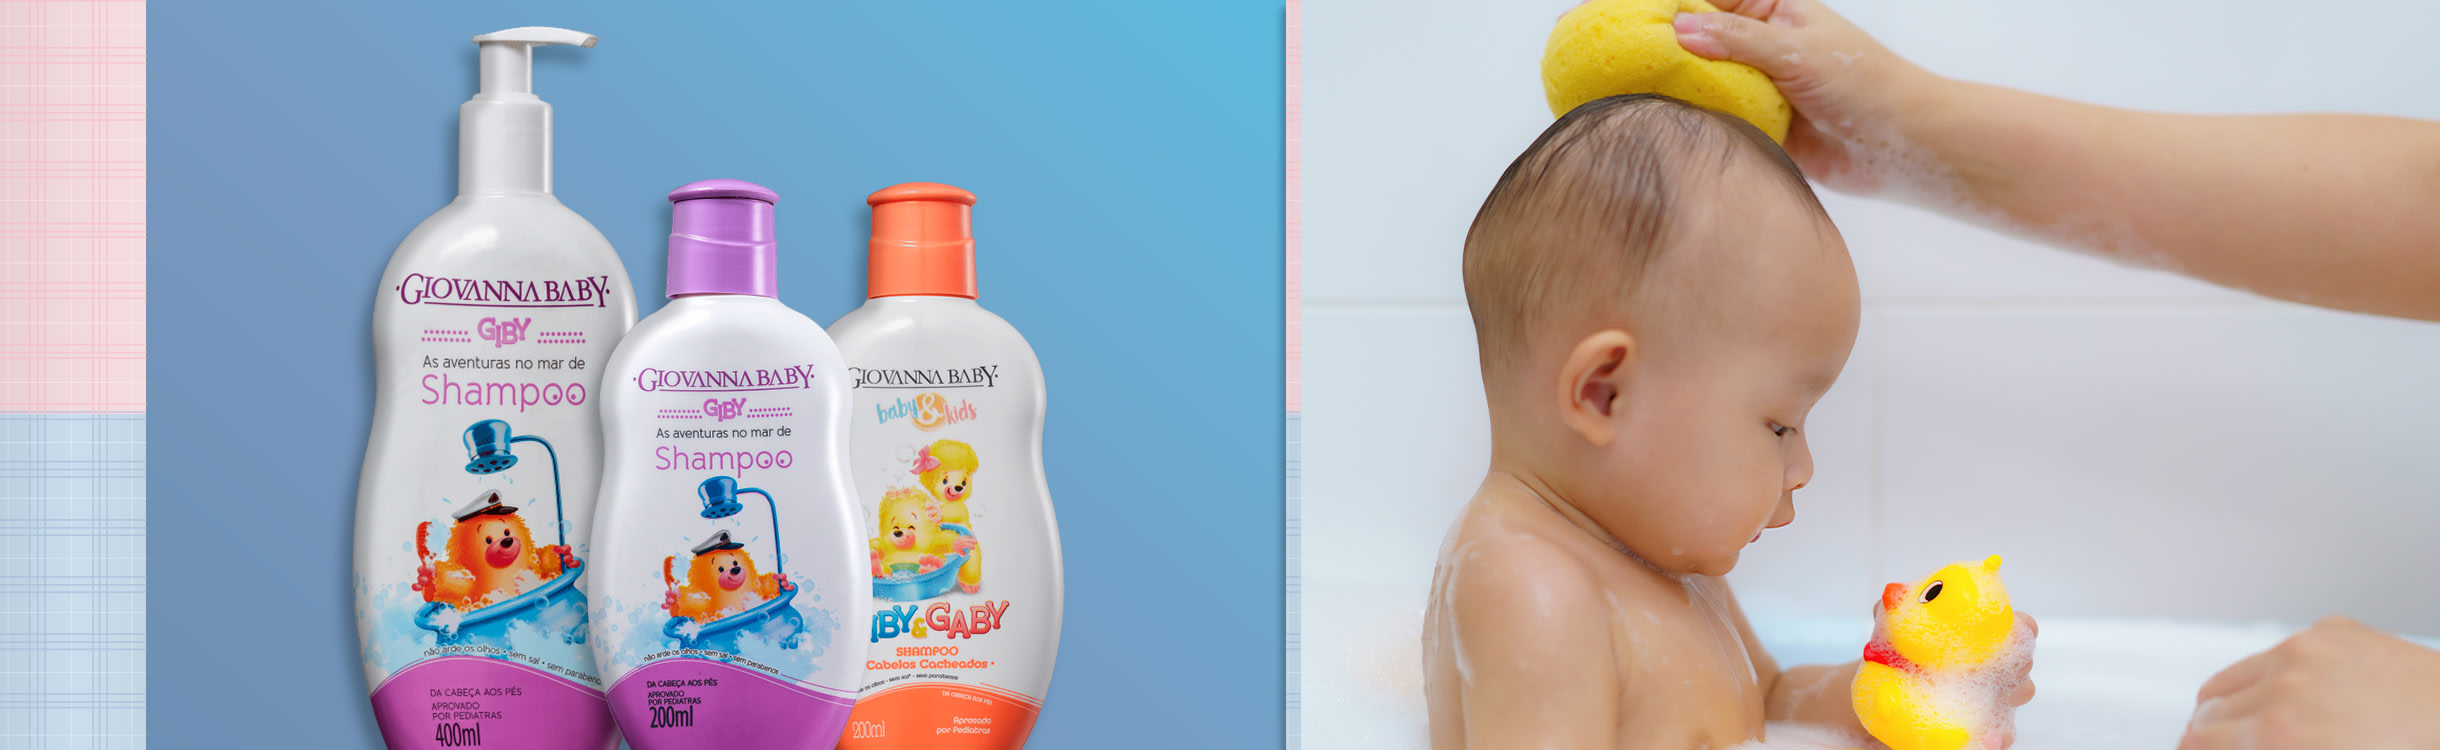 Shampoo Giovanna Baby